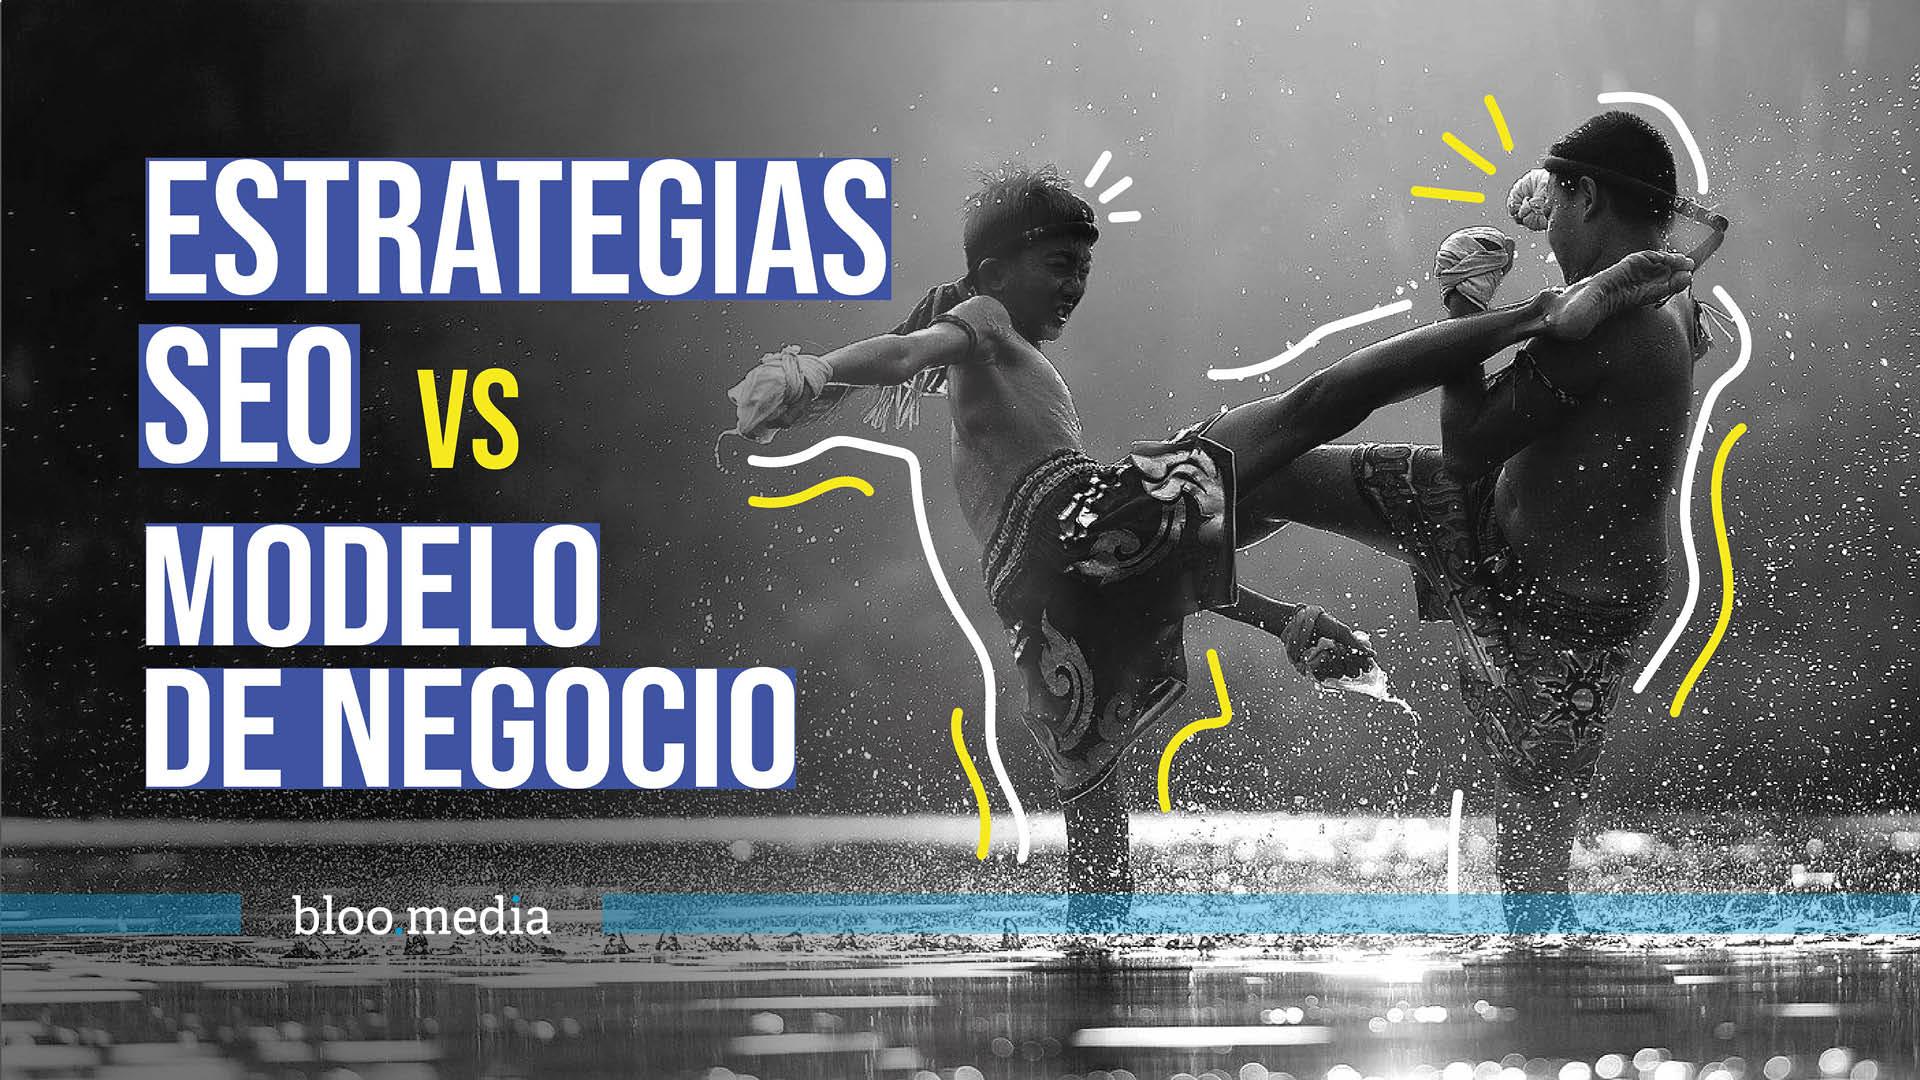 Estrategias SEO VS Modelo de Negocio